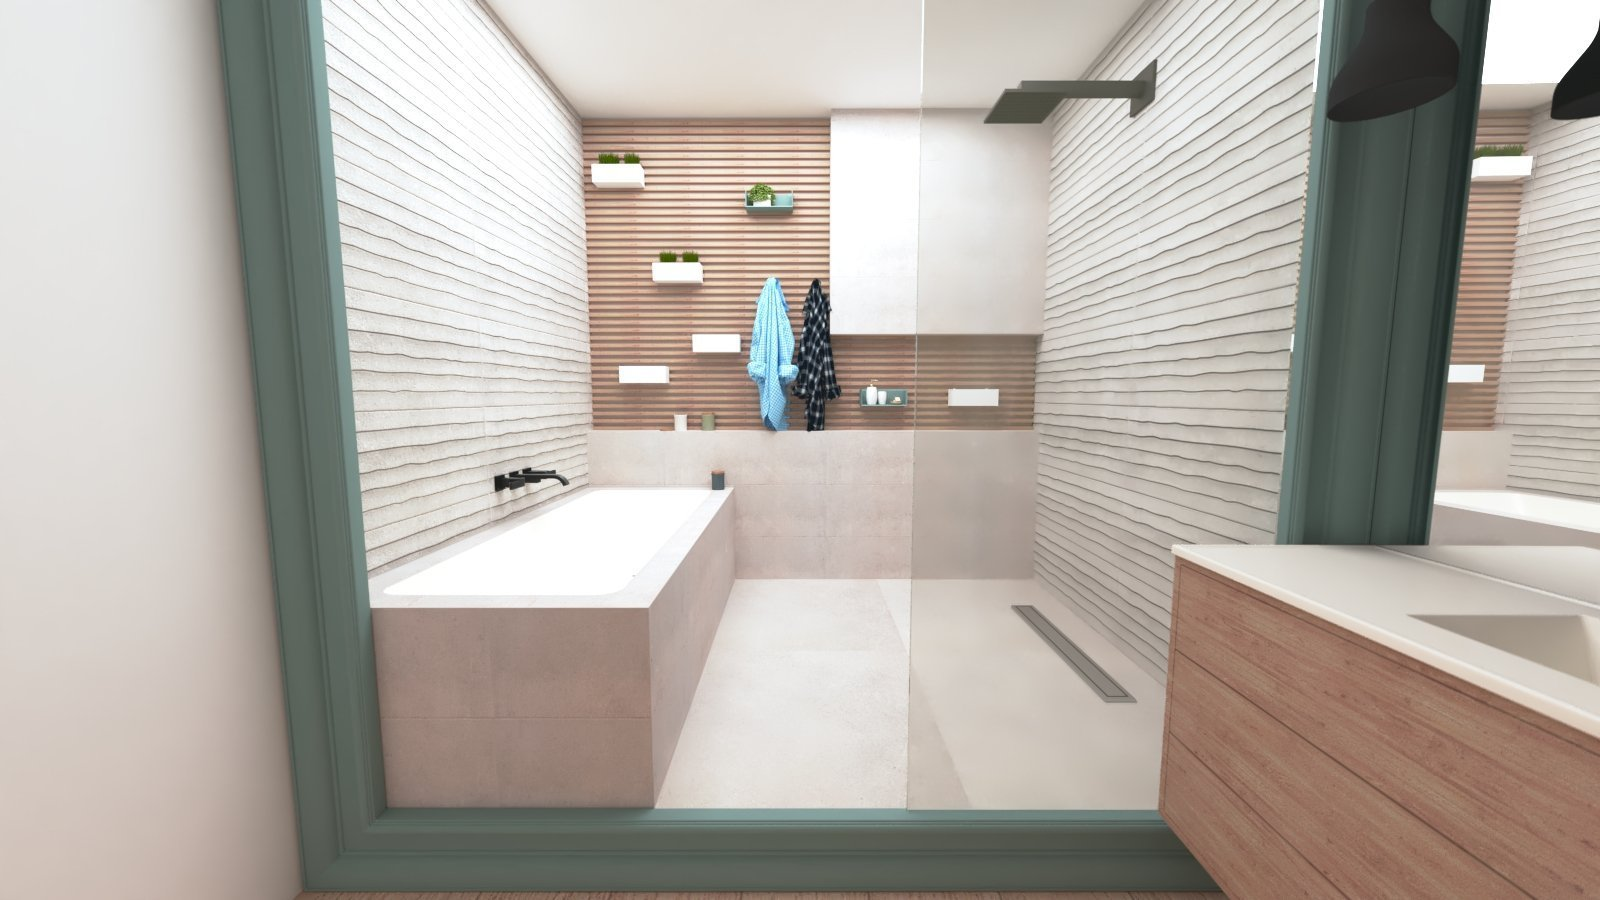 Podľa pôvodného vybavenia interiérua zákazníkových indícii sme vedeliže majúradi modernejší nábytok, avšak vek a dispozícia domu ich nútila…